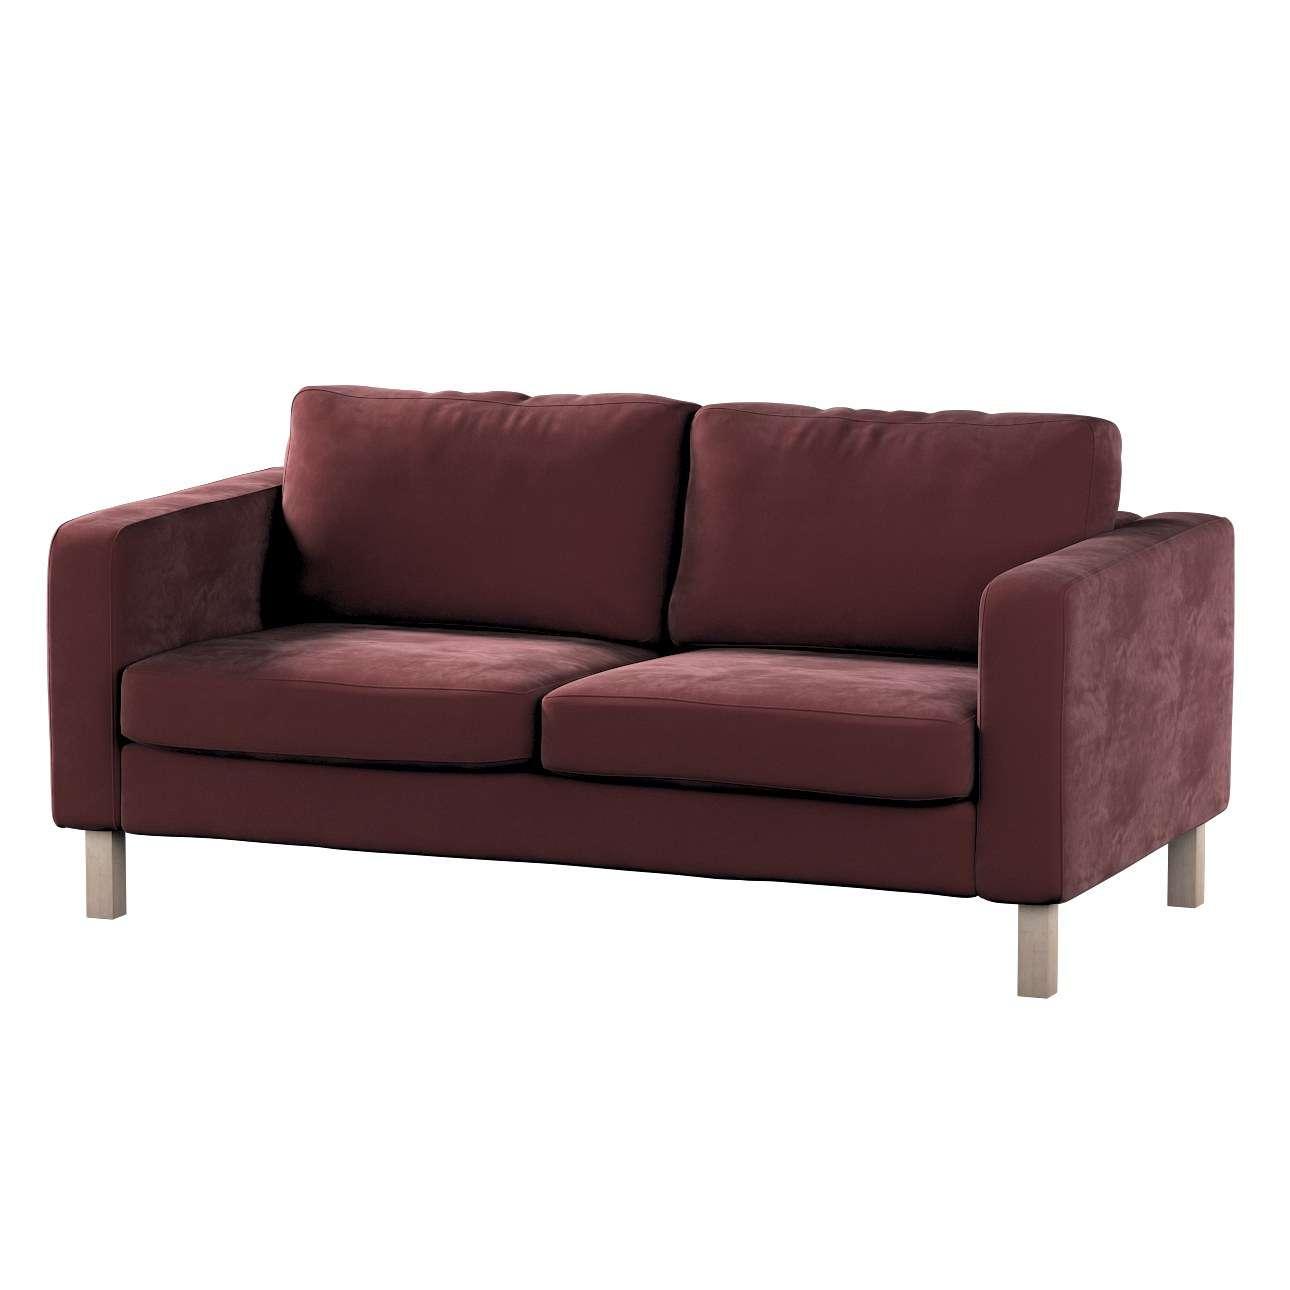 Karlstad klädsel 2-sits soffa - kort i kollektionen Velvet, Tyg: 704-26